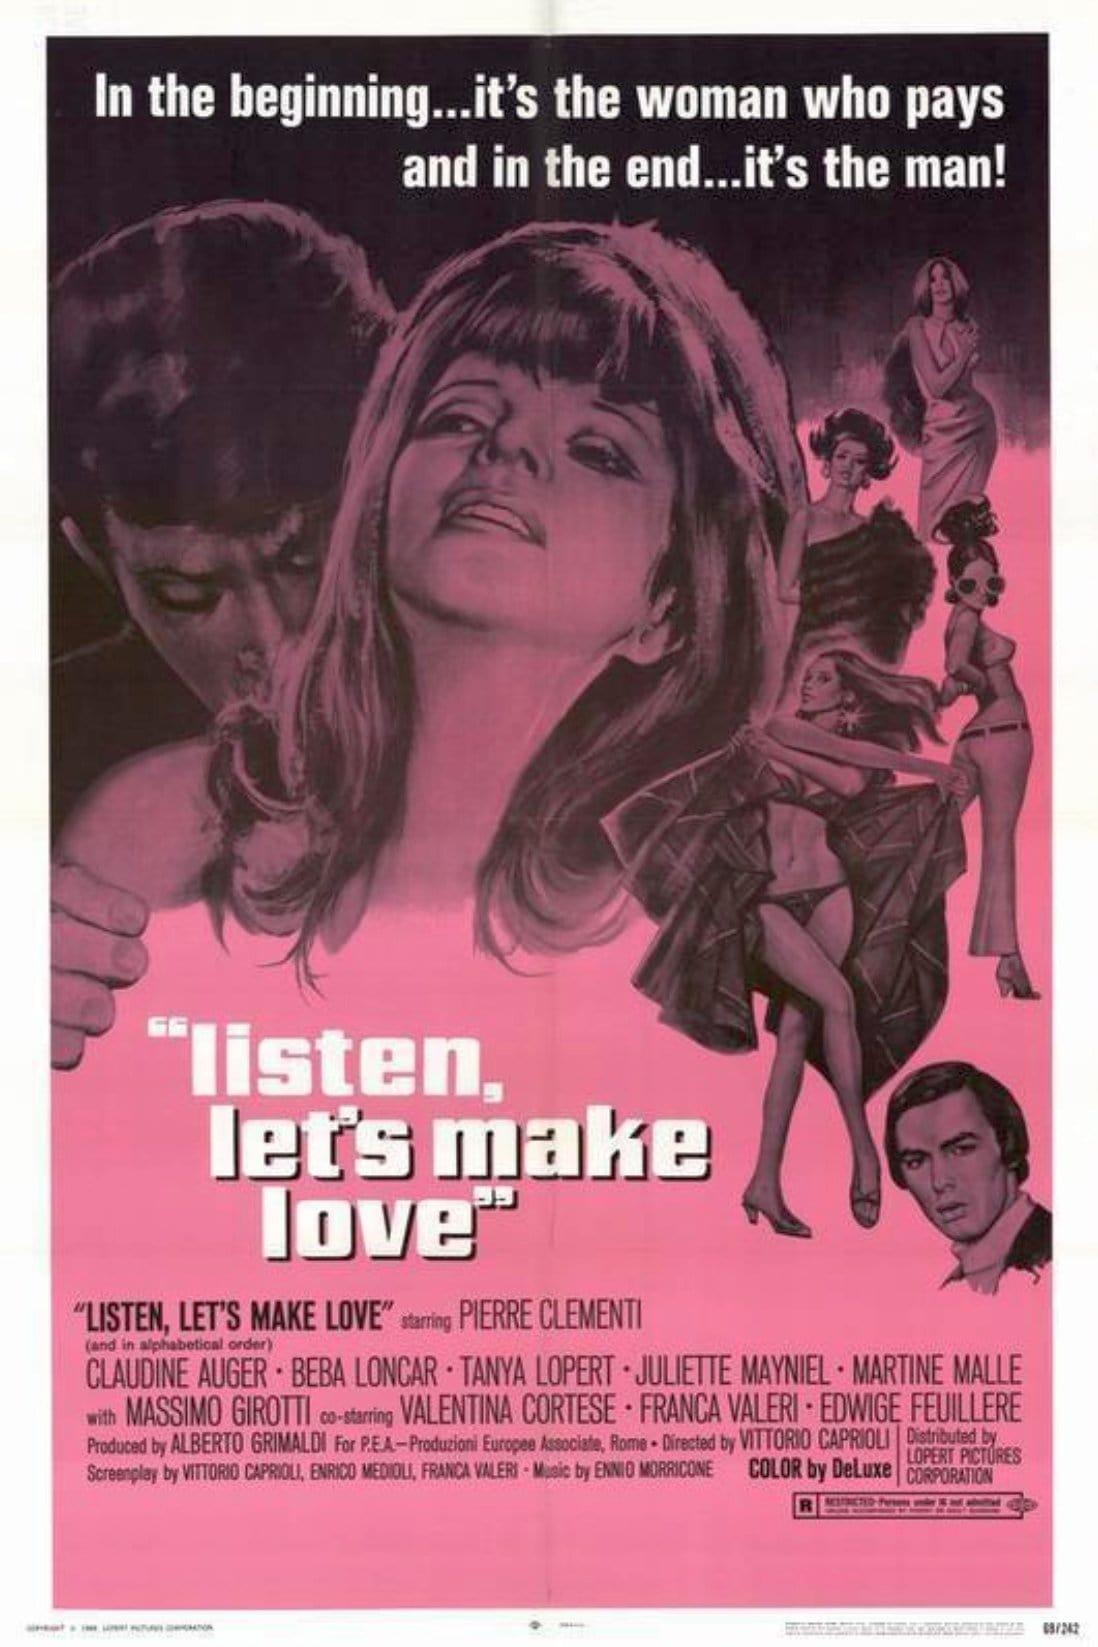 Listen, Let's Make Love